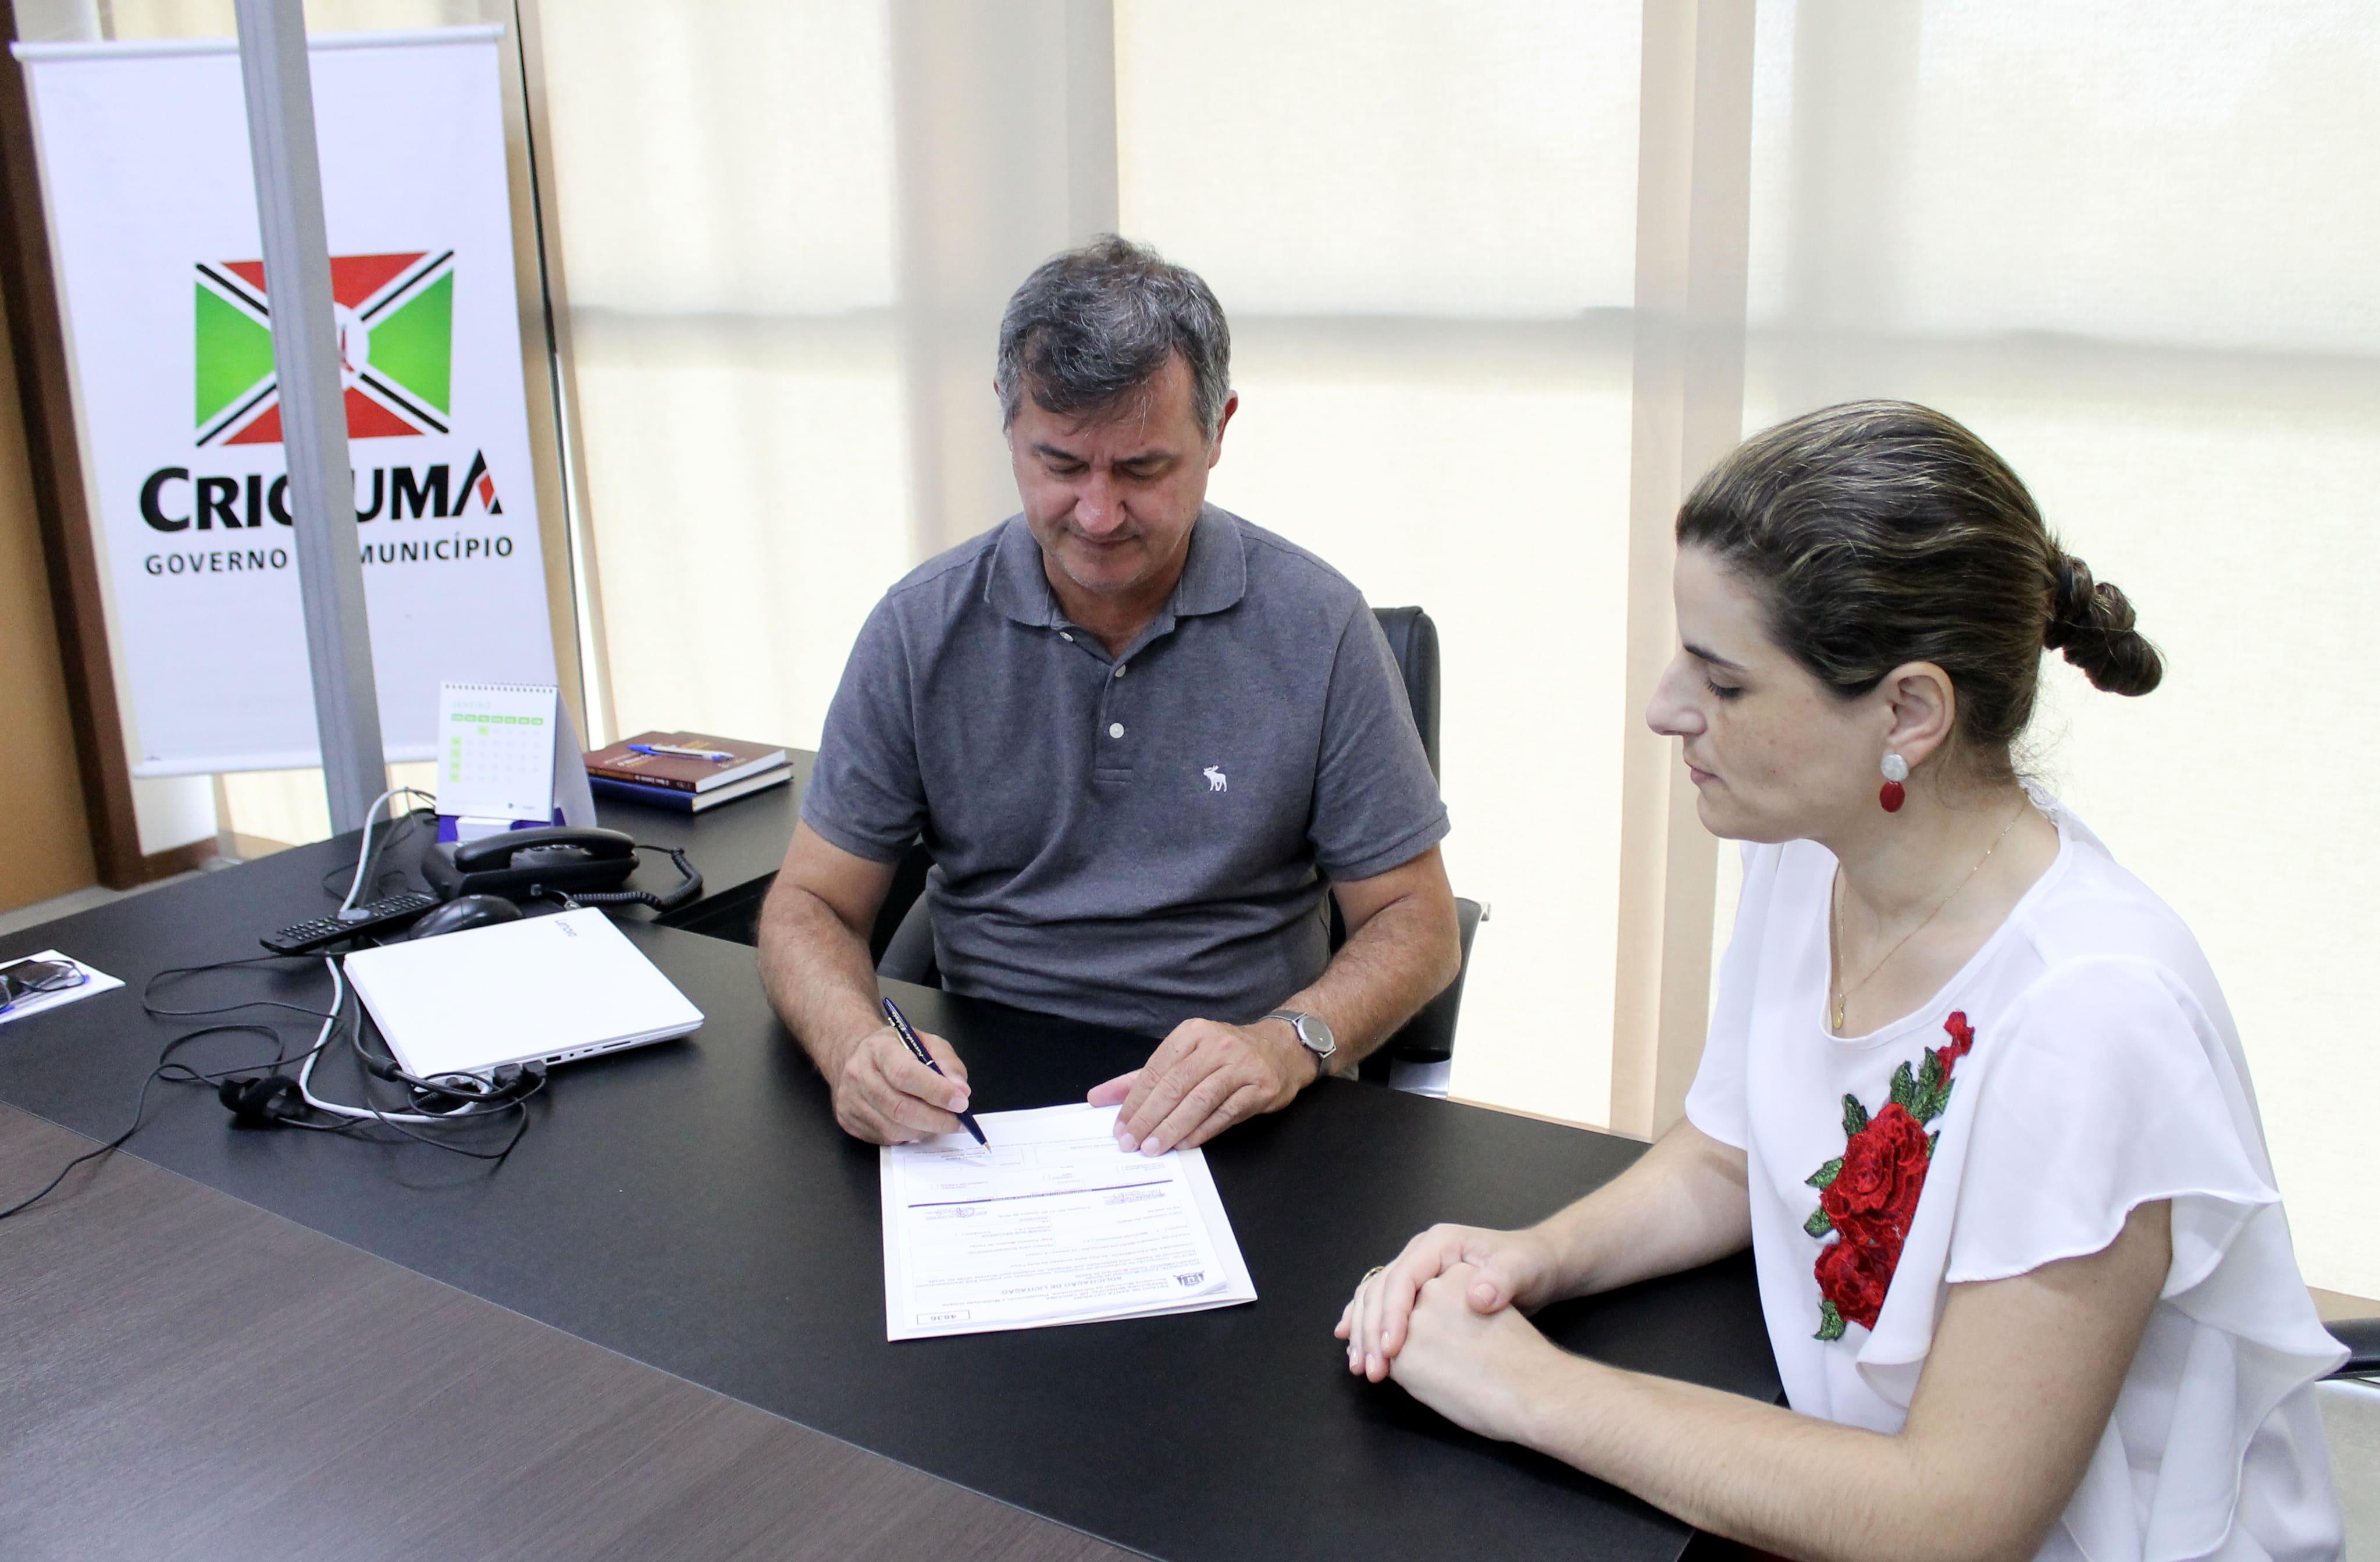 Campanha de vacinação: Dia 'D' supera expectativas em Criciúma